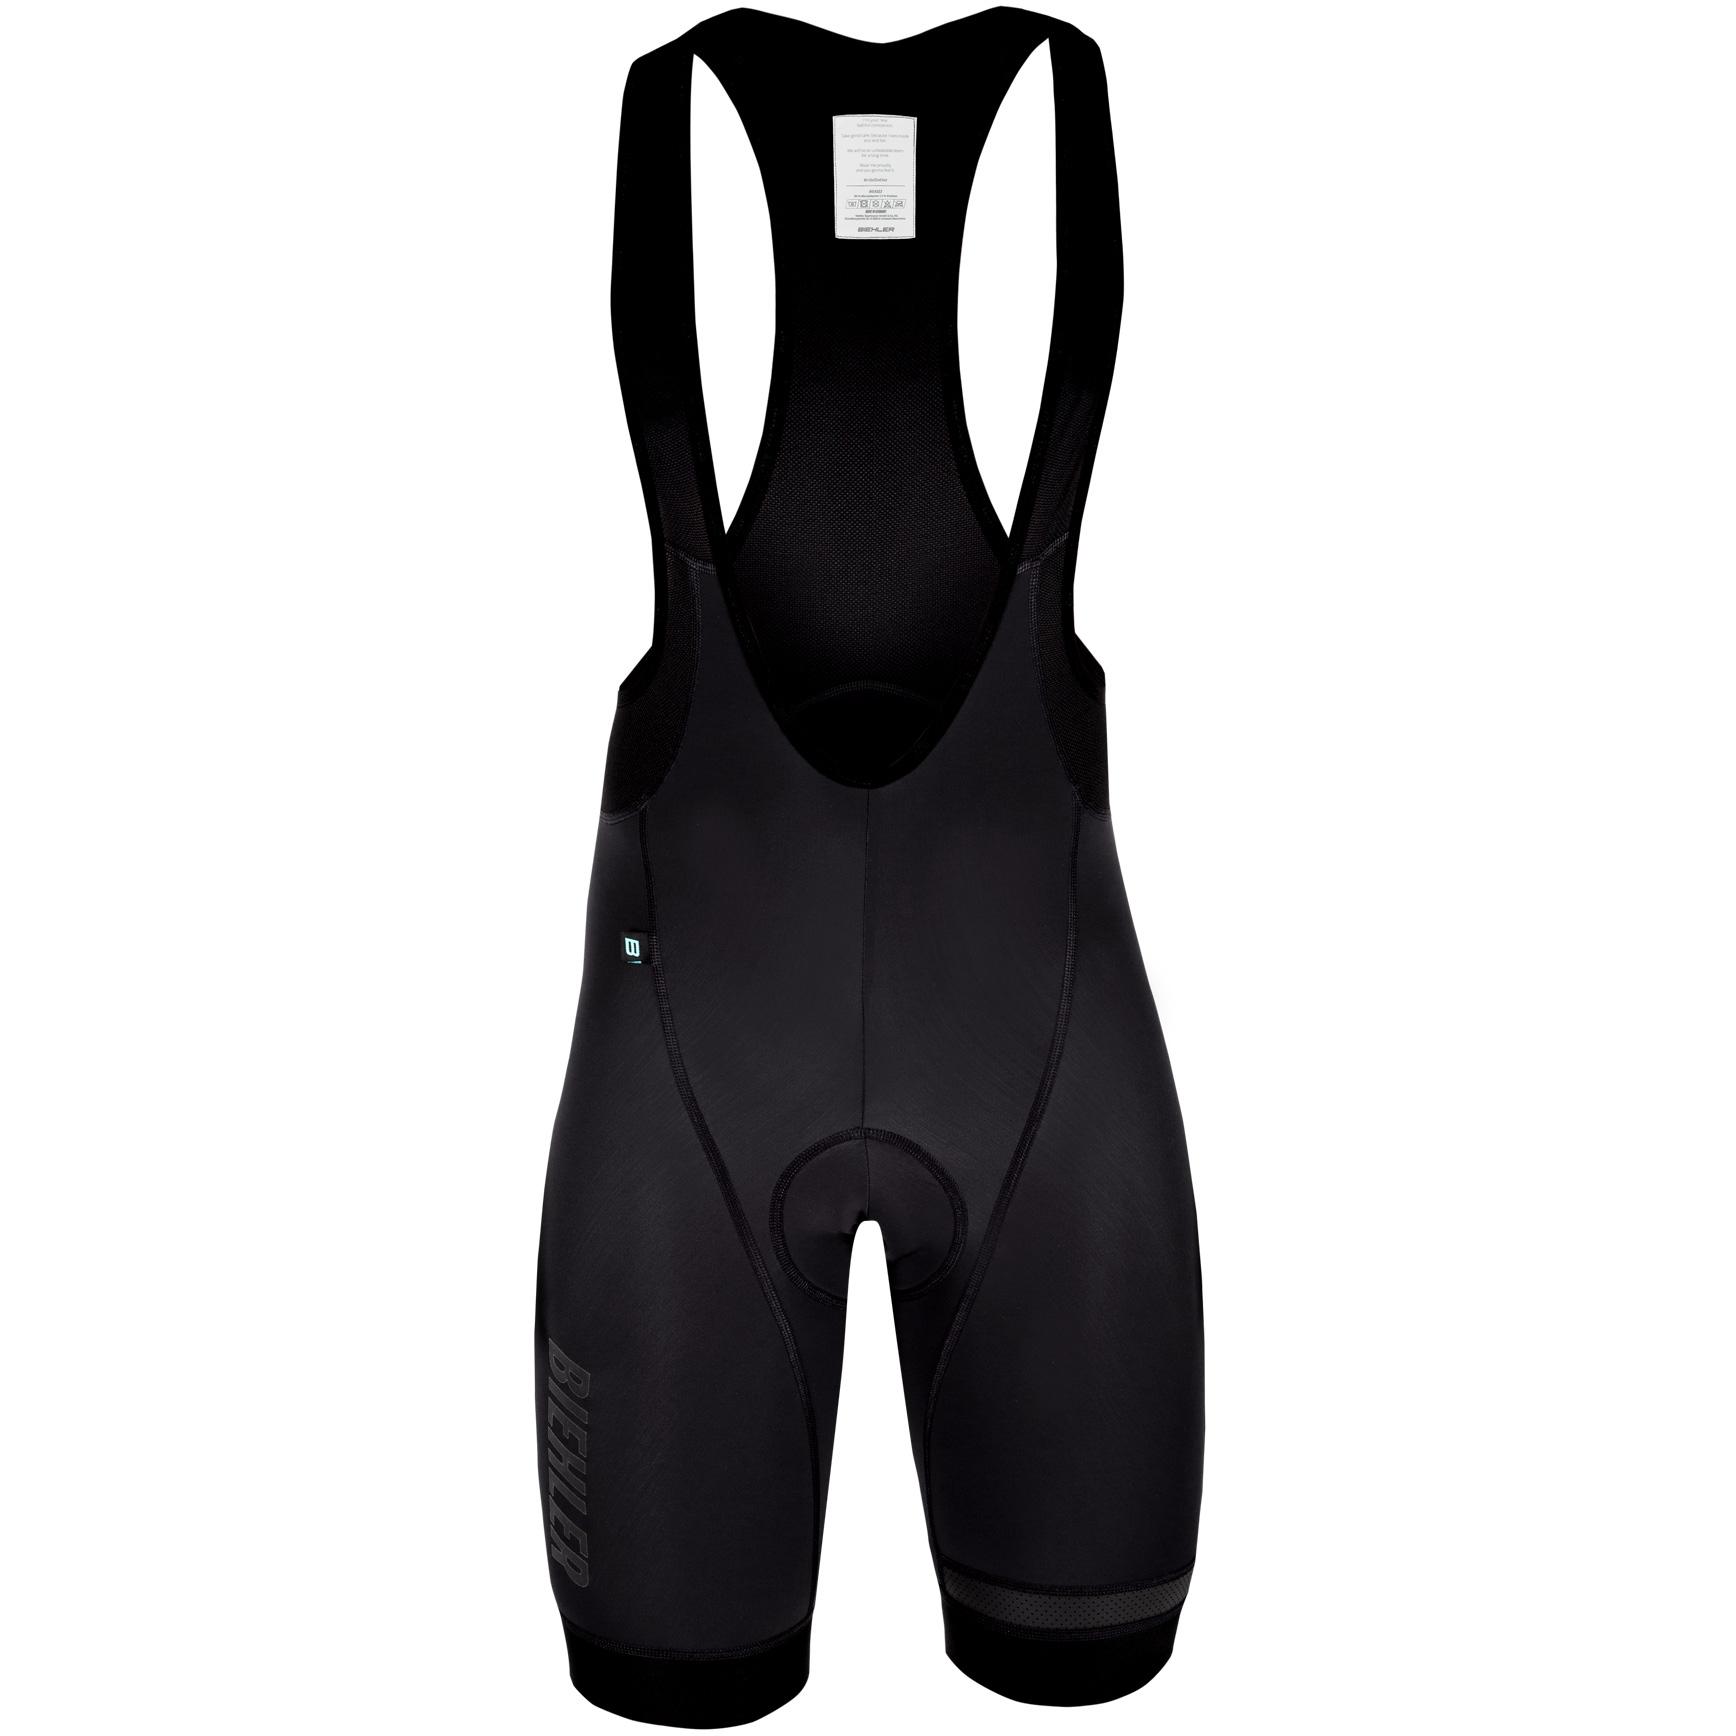 Biehler Neo Classic Signature³ Bib Shorts - black